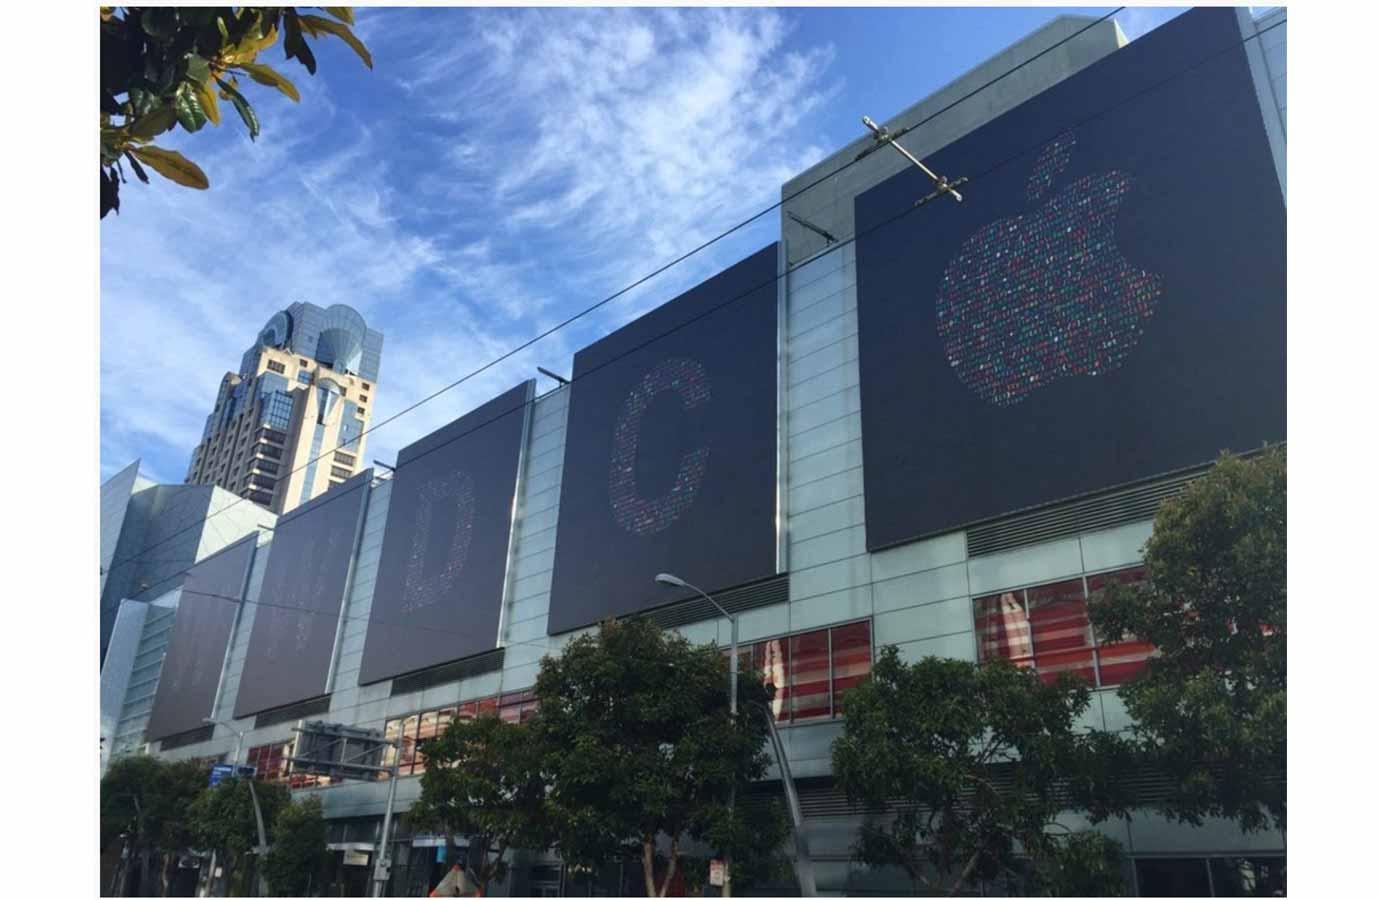 「WWDC 2016」の会場「Moscone West」でも準備が着々と進む